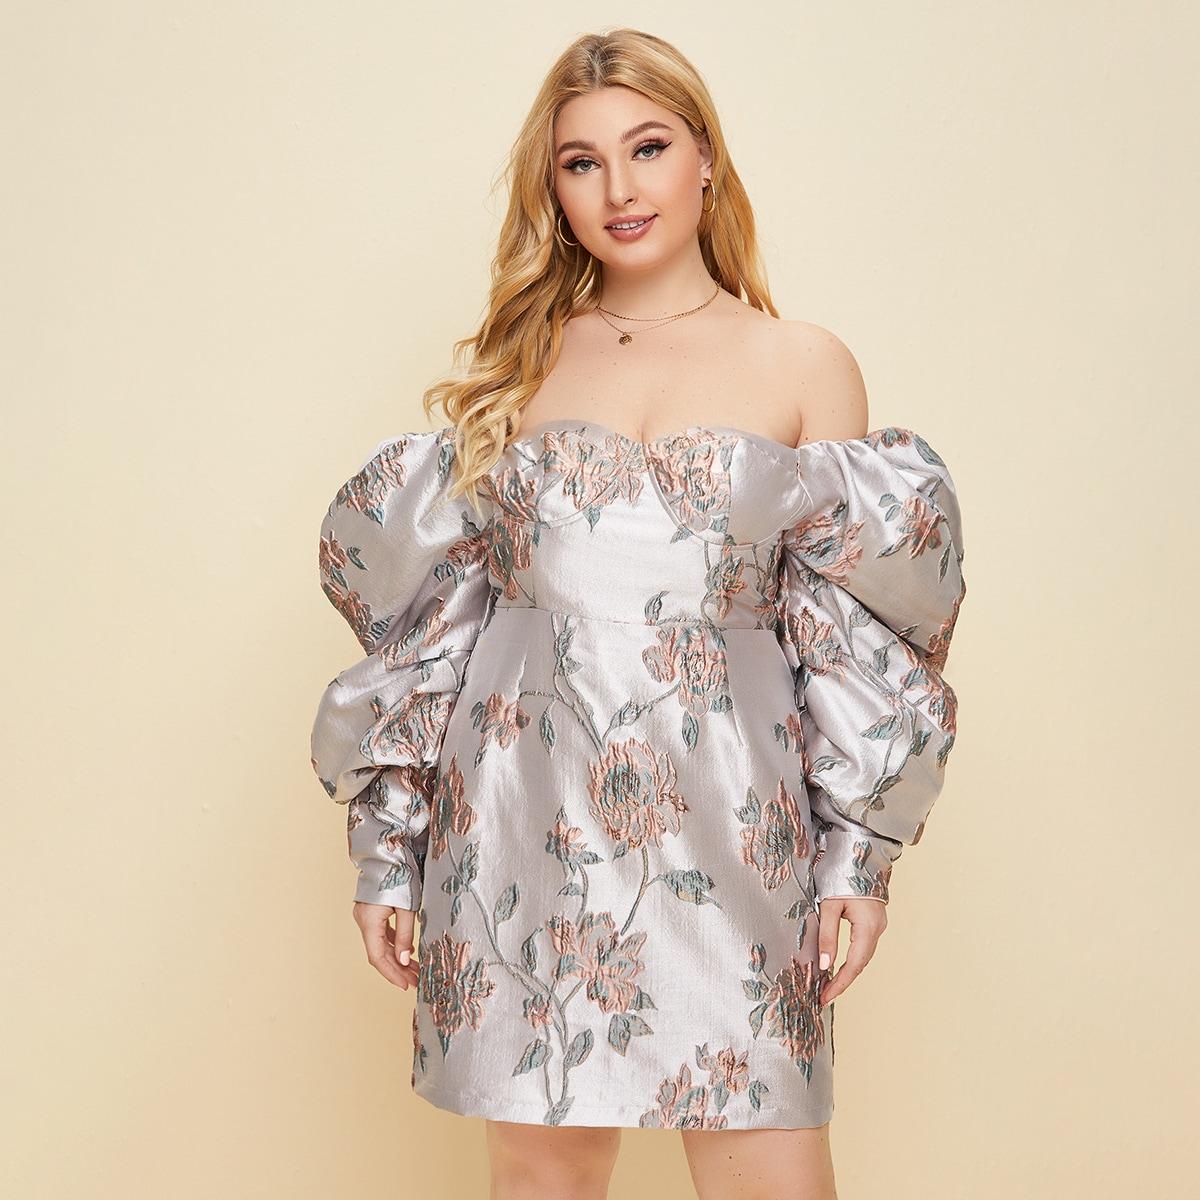 Жаккардовое платье размера плюс с открытыми плечами и присборенным рукавом